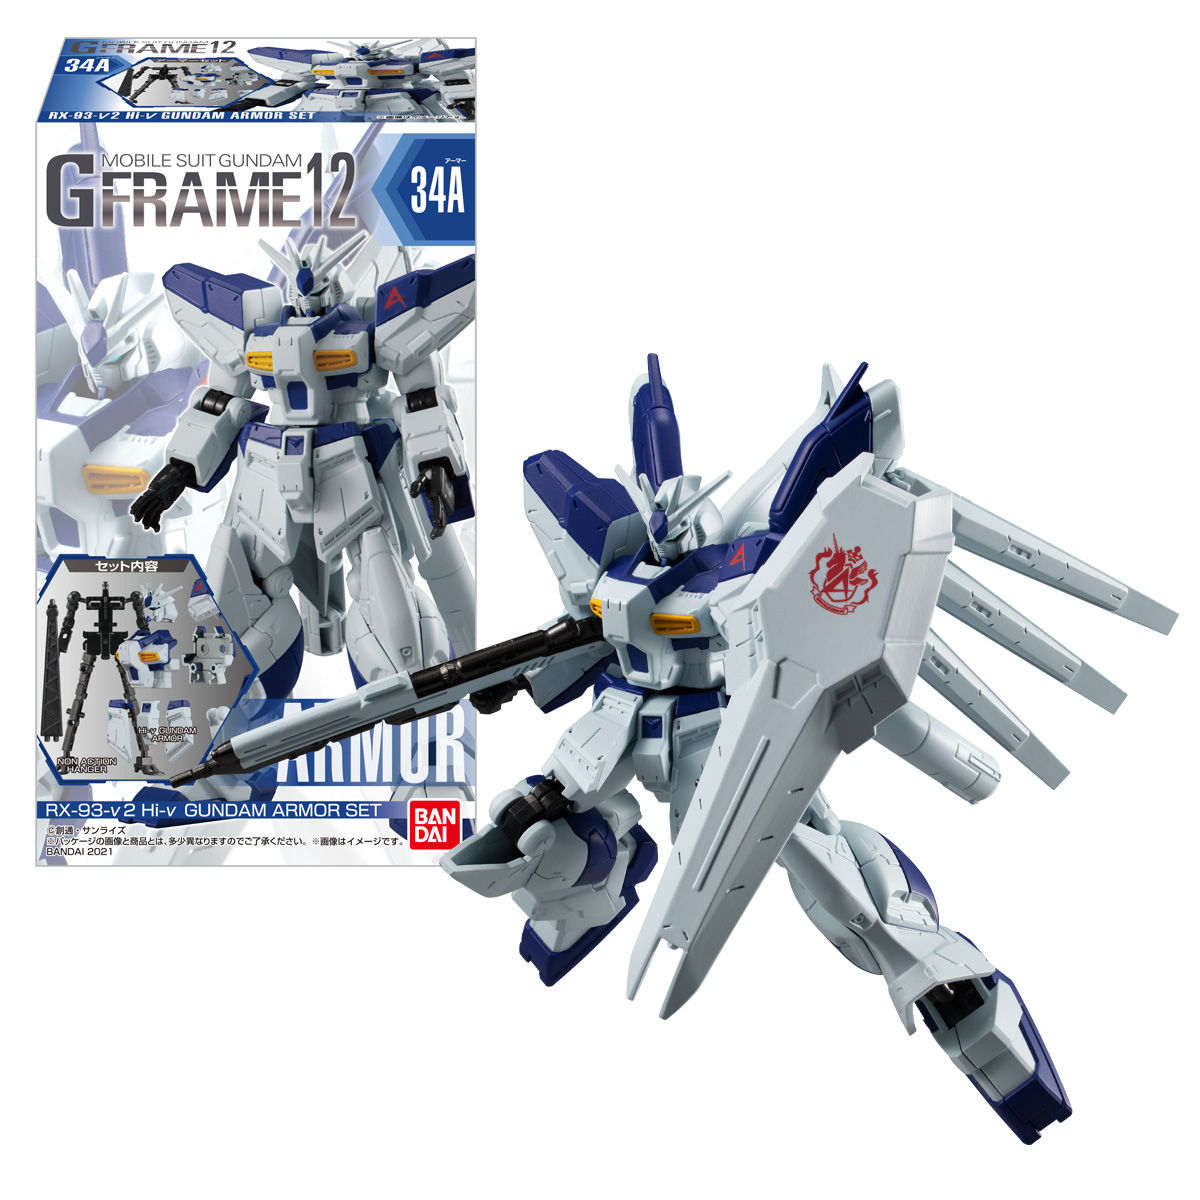 機動戦士ガンダム Gフレーム12_0